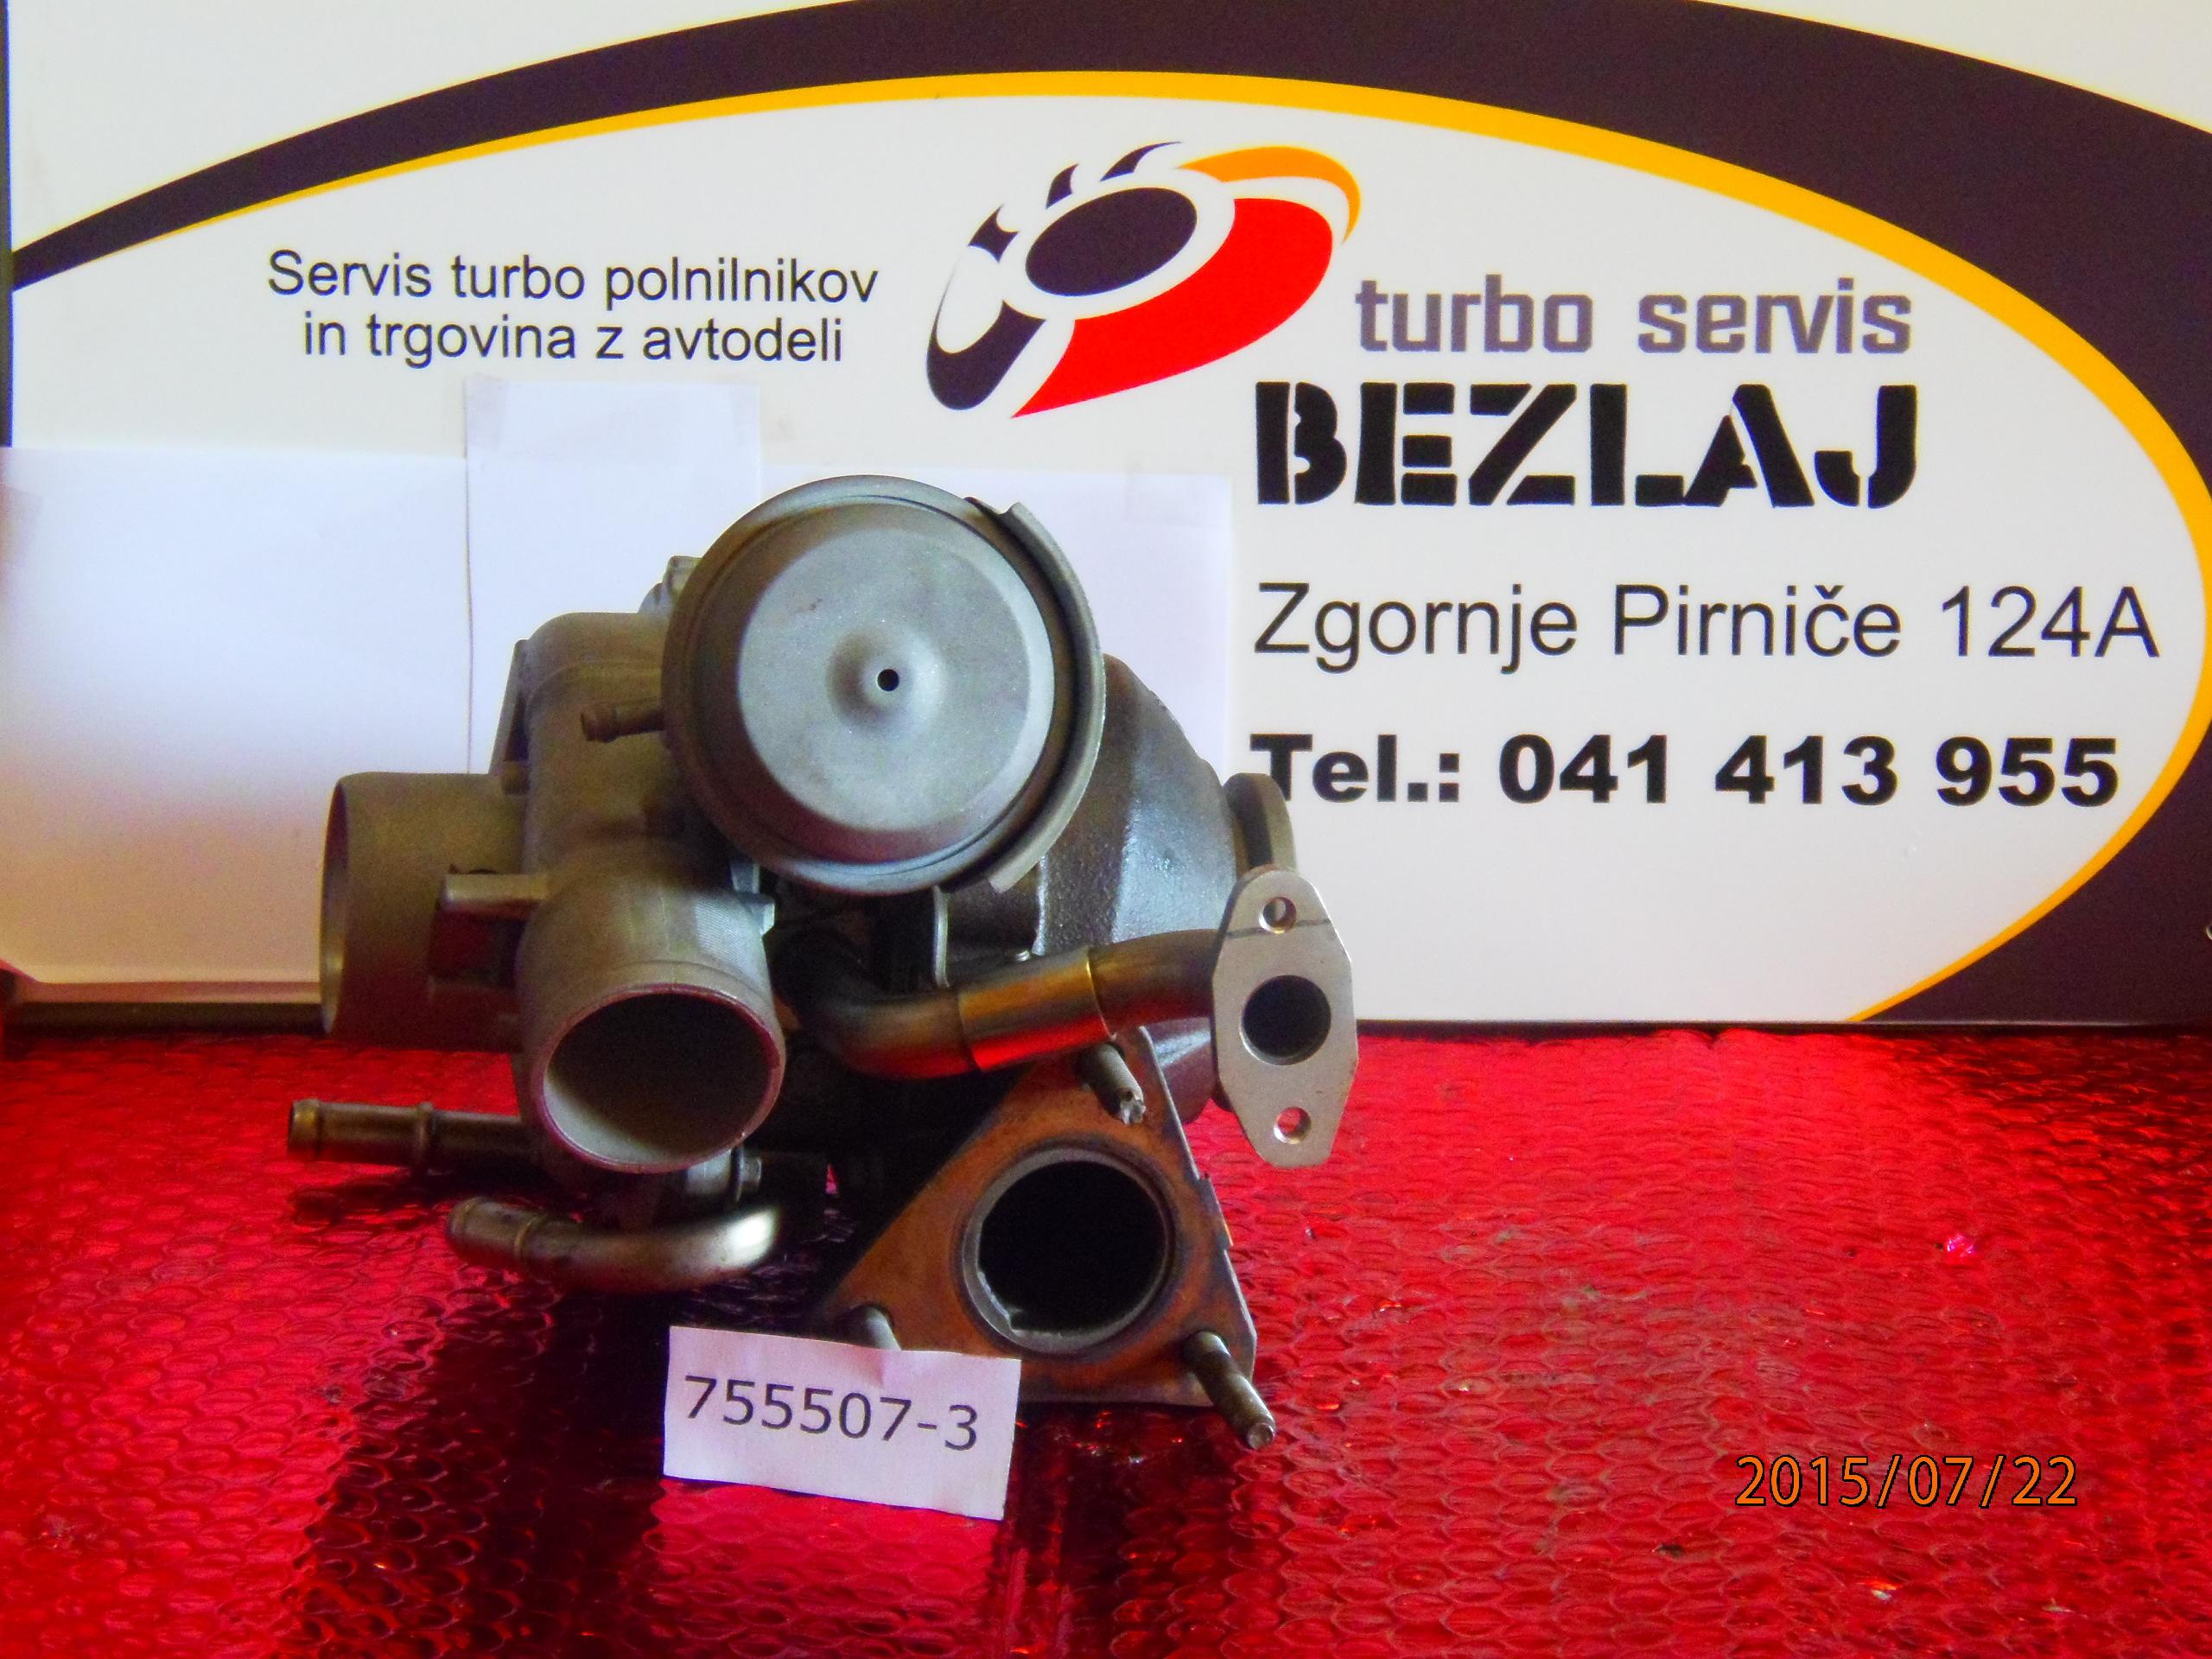 turbo755507-3 (2)